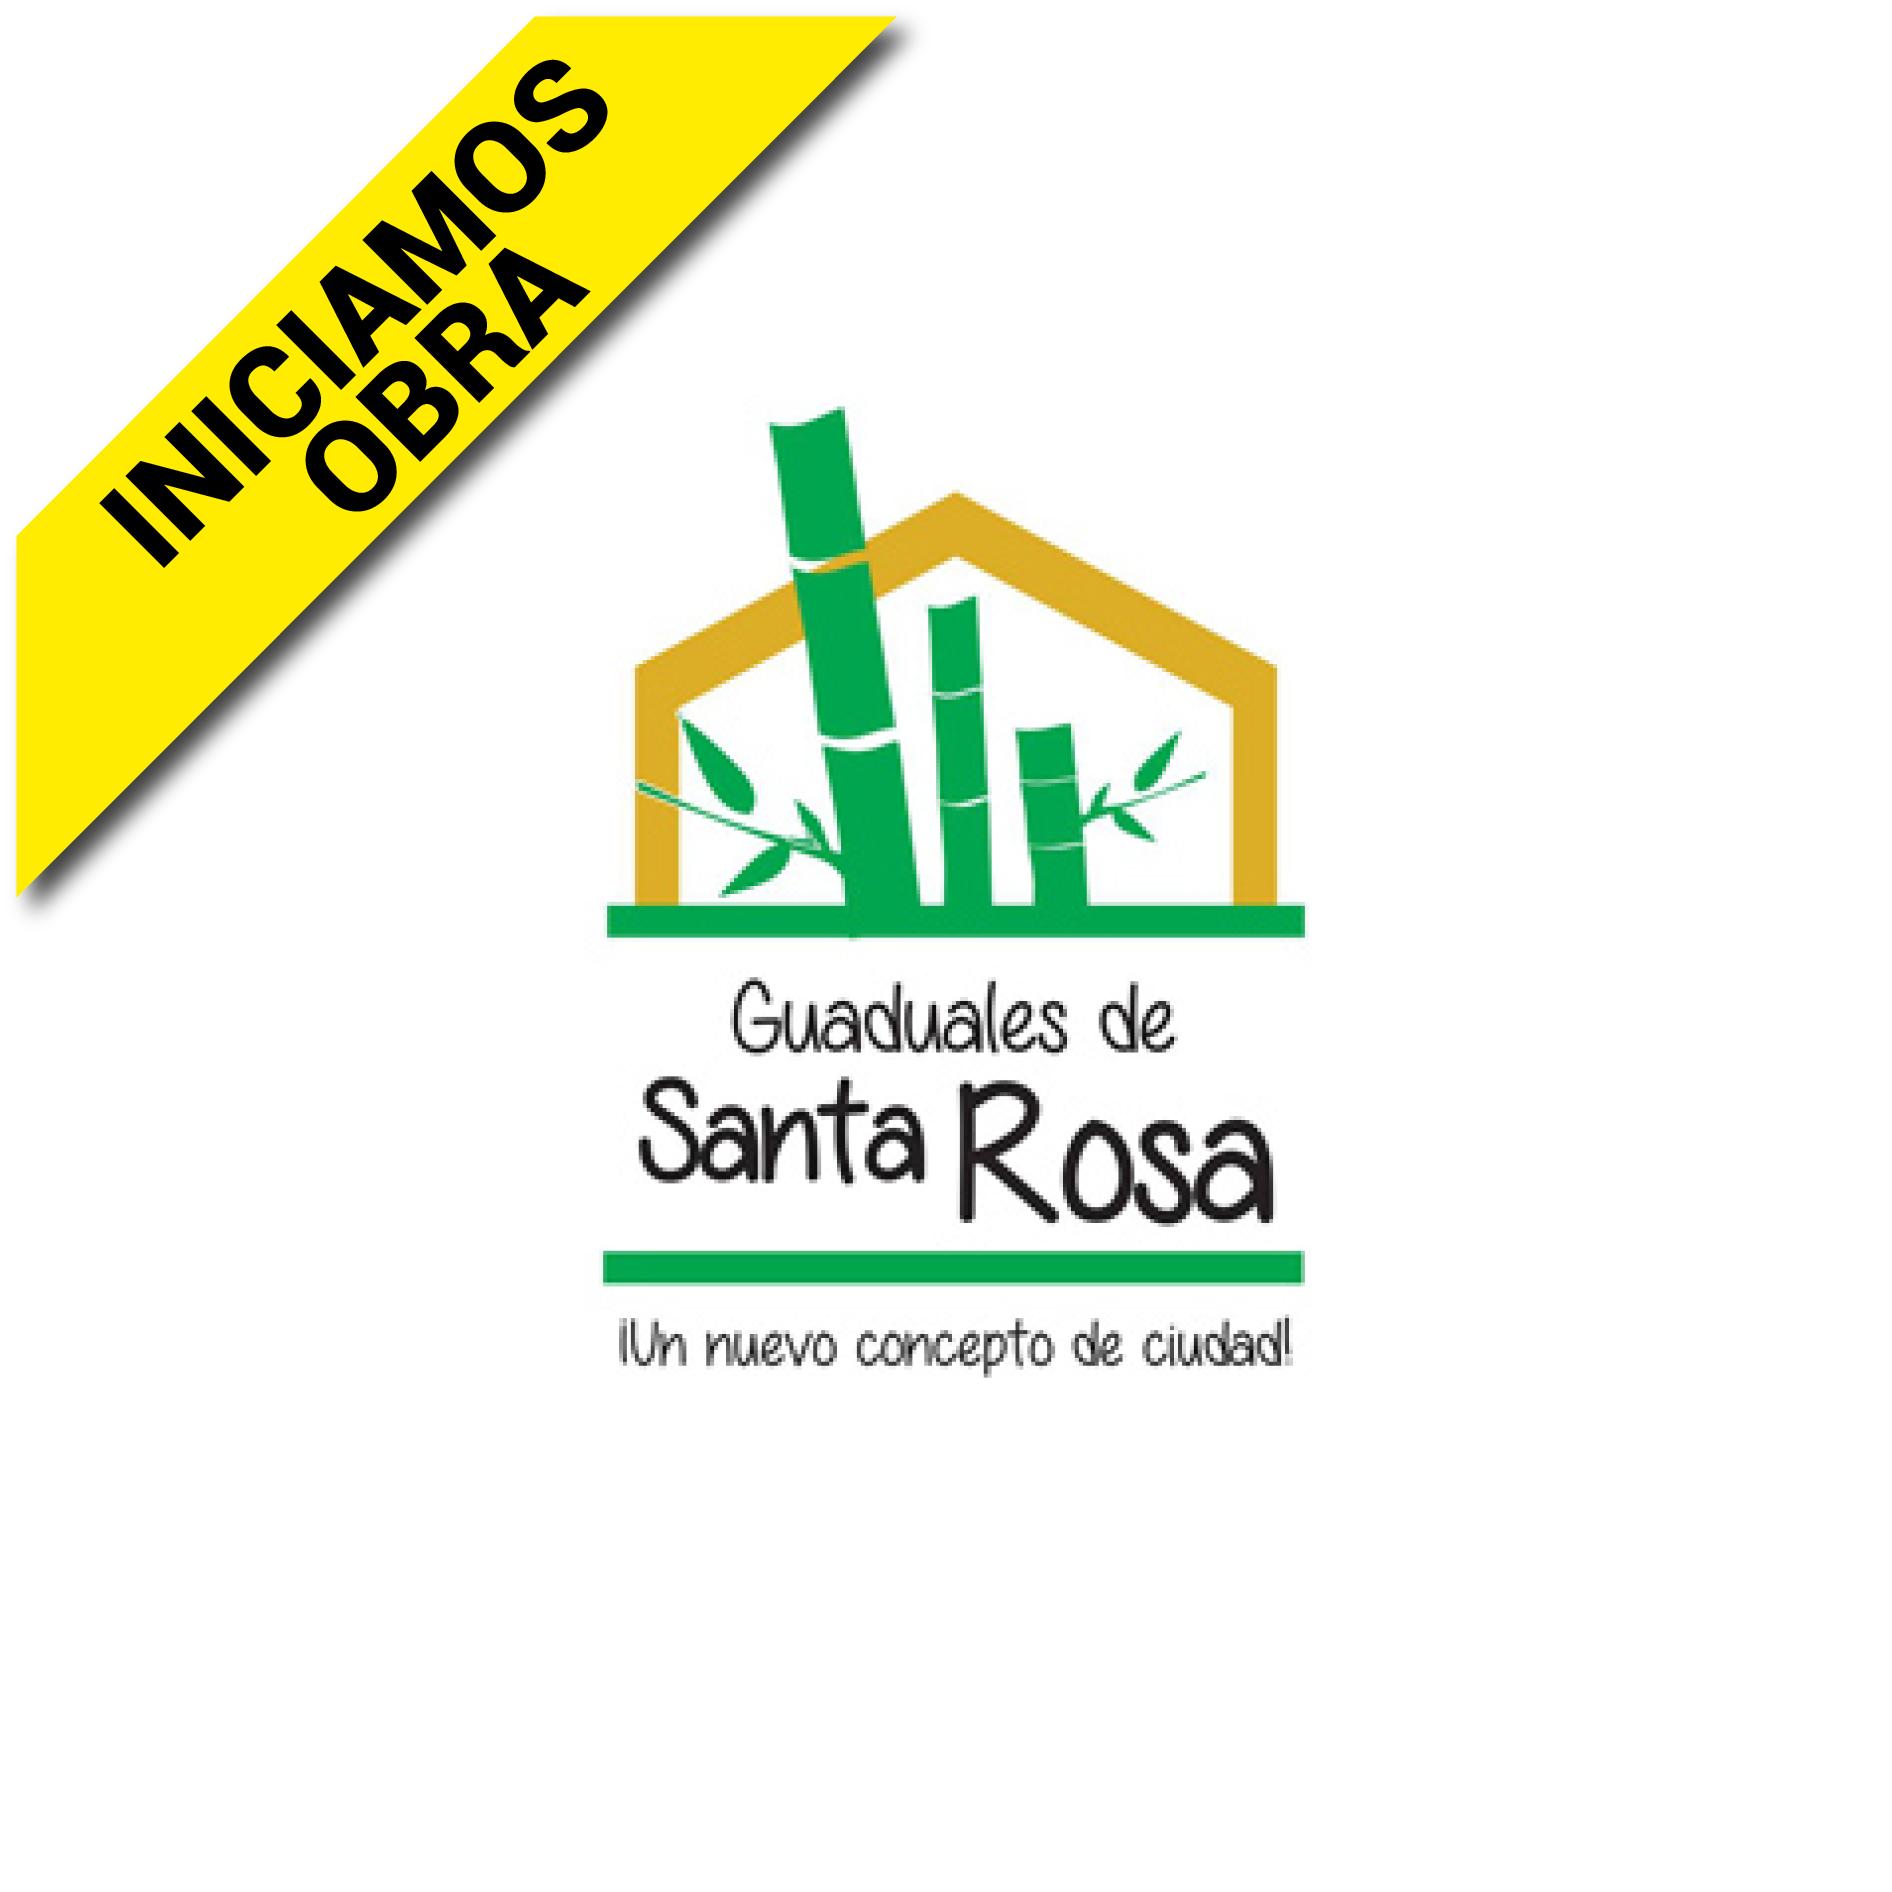 INICIO GUADUALES DE SANTA ROSA